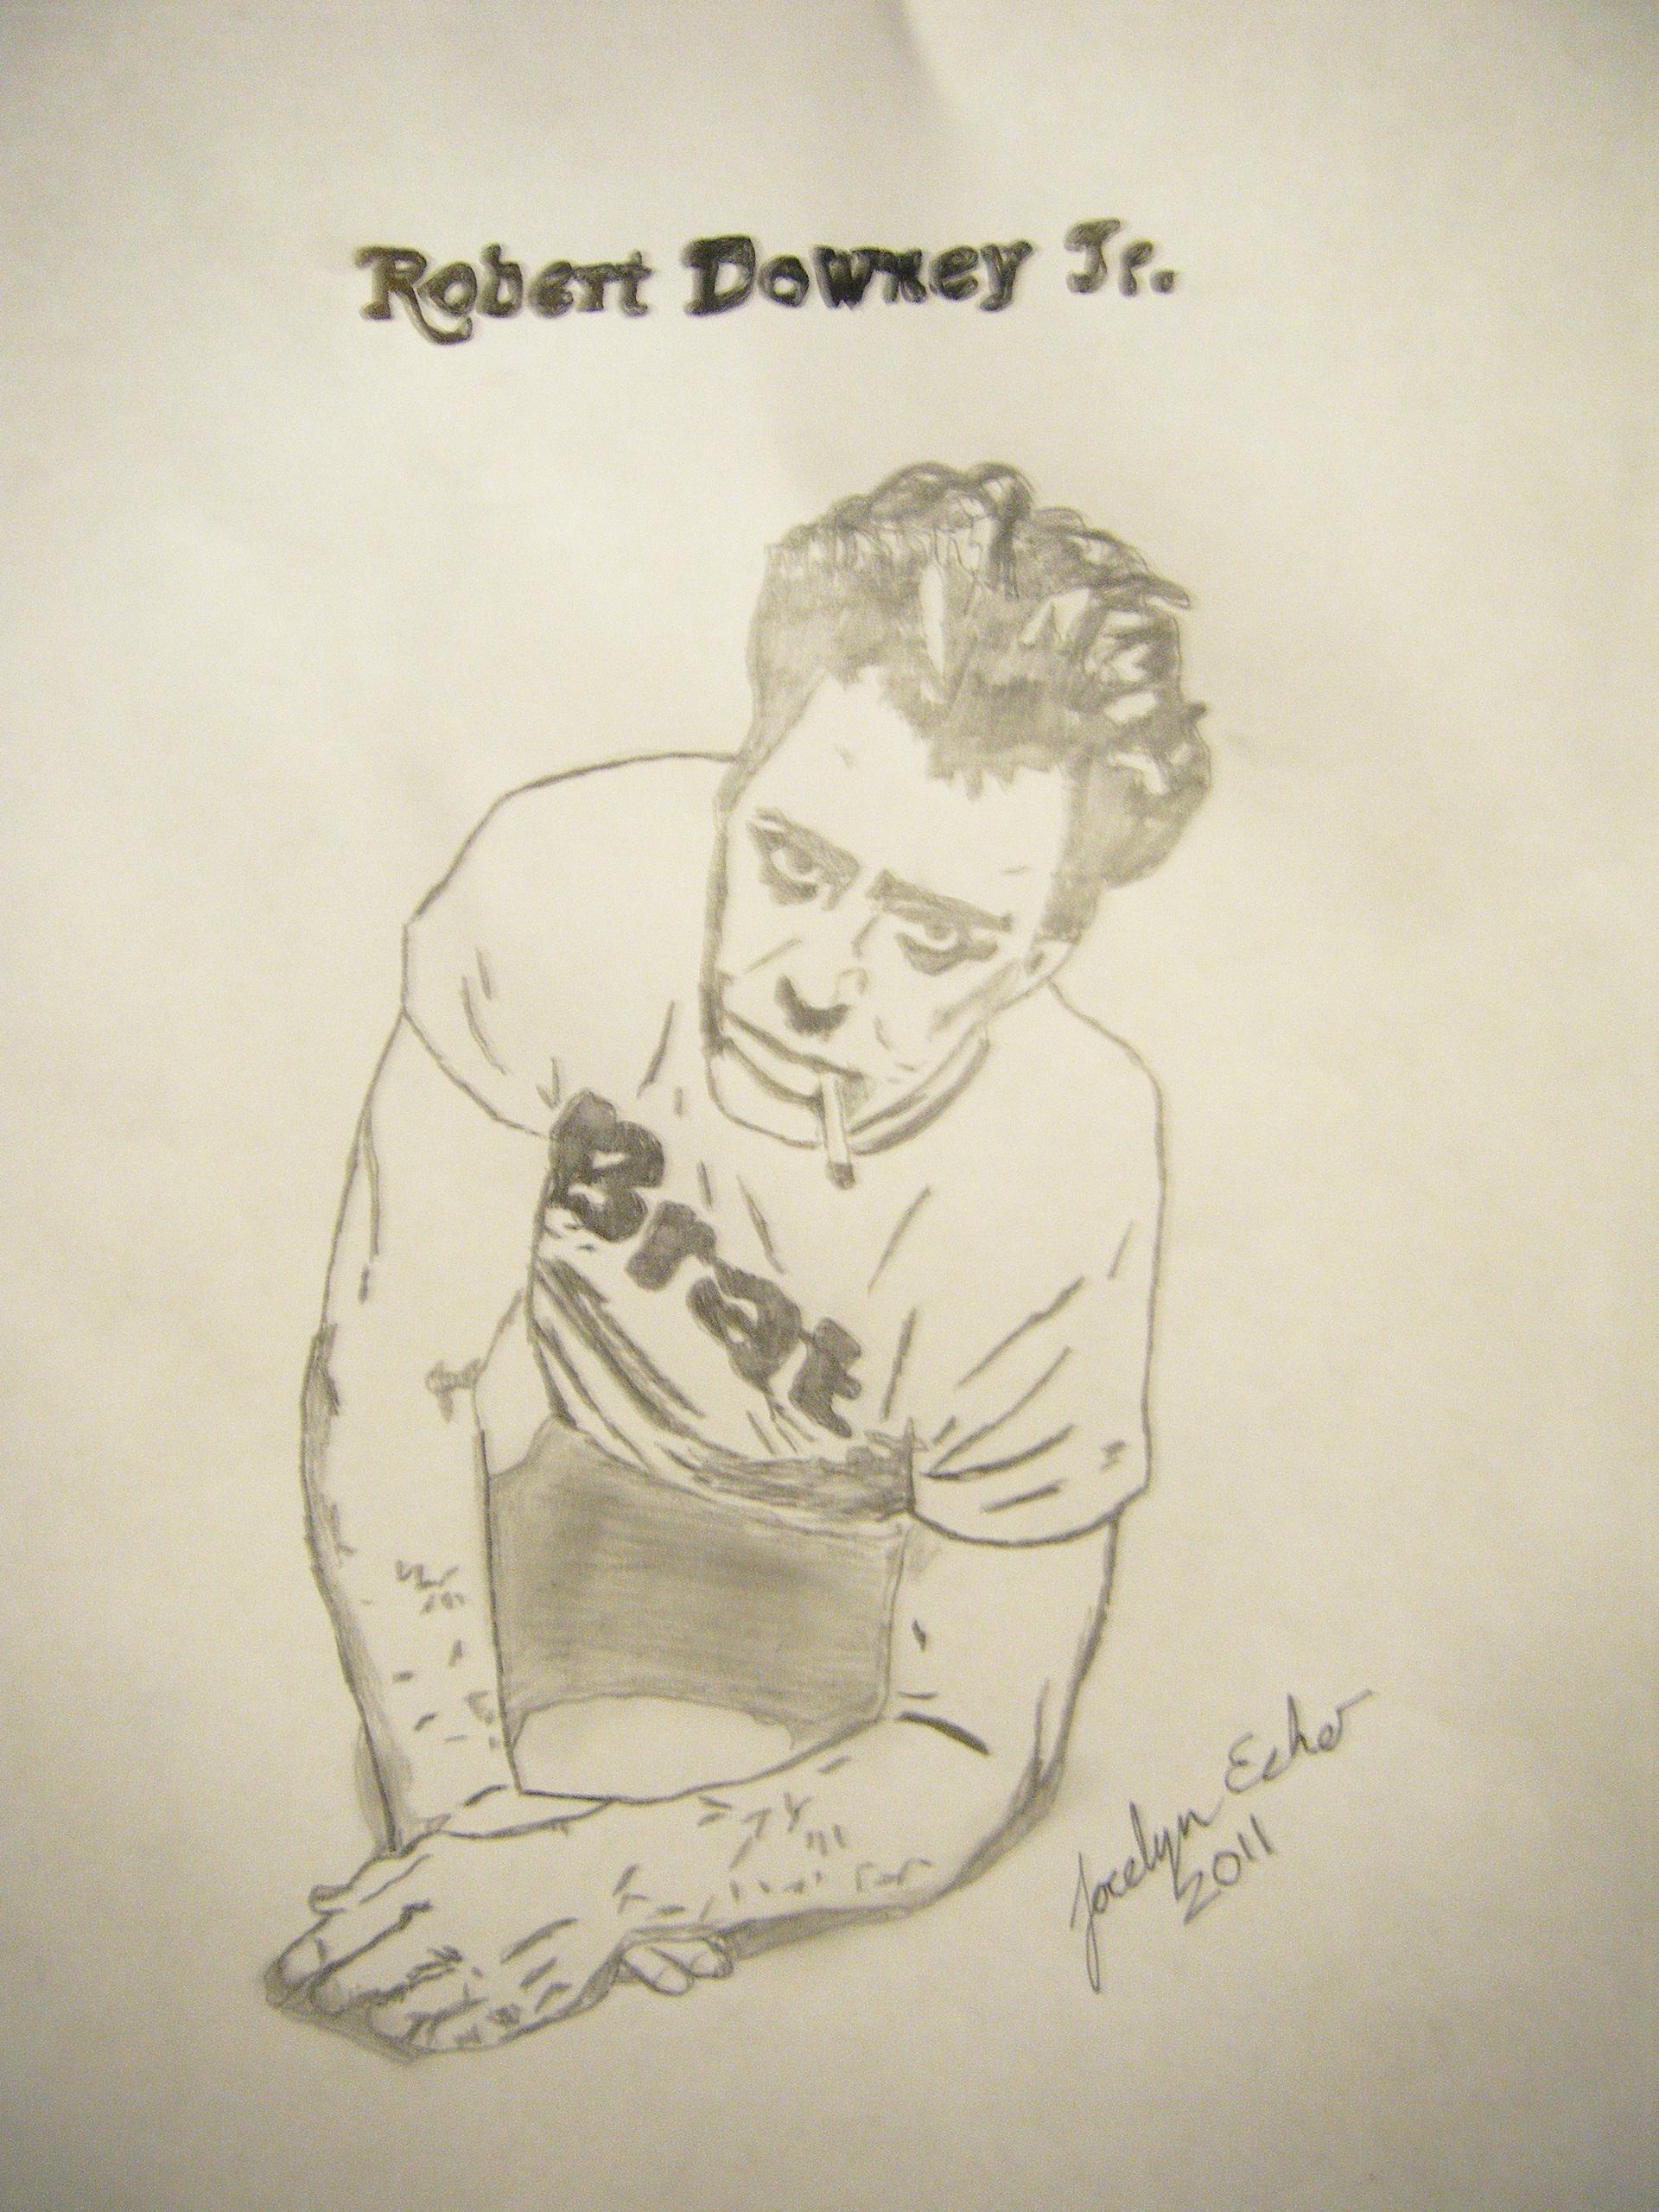 Robert Drawings